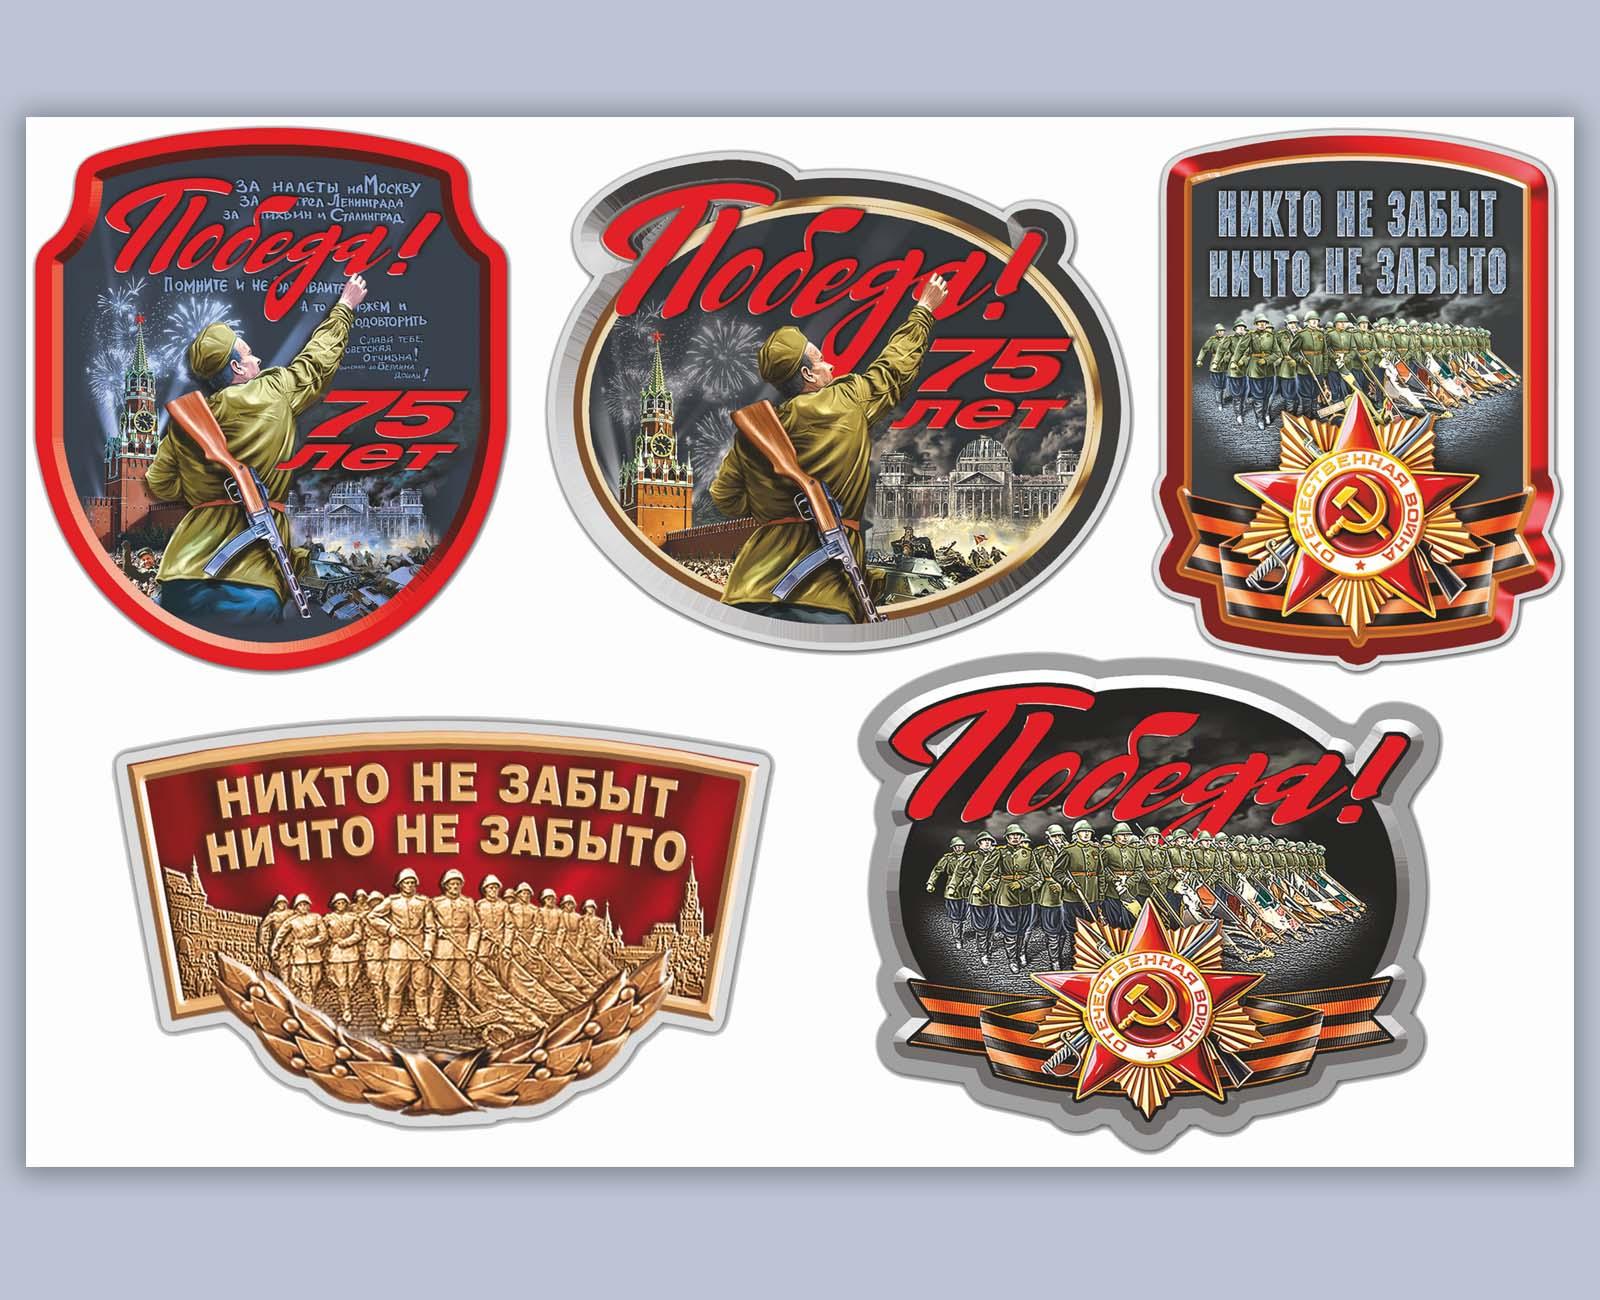 Сувенирный набор наклеек ко Дню Победы